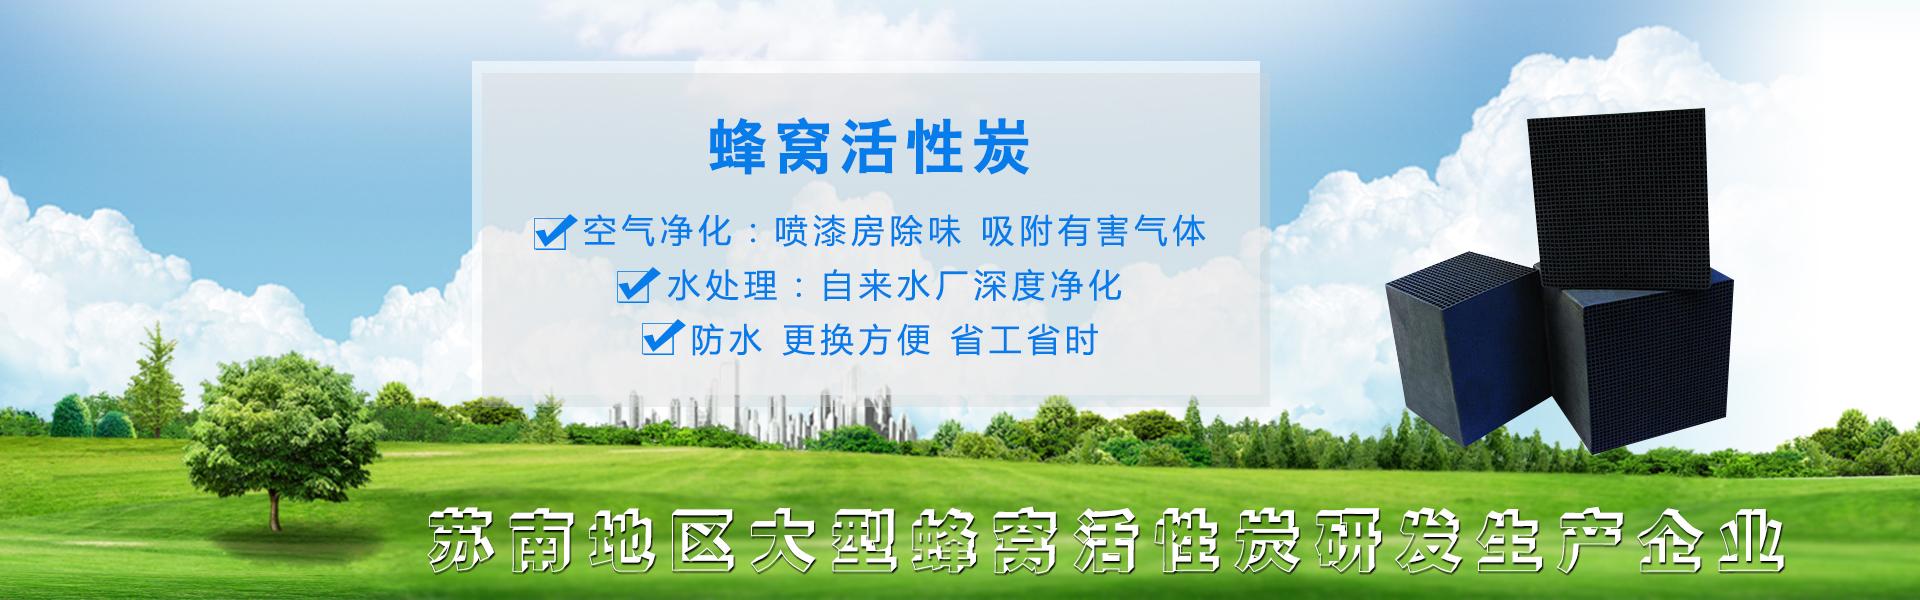 江苏康宏炭业有限公司